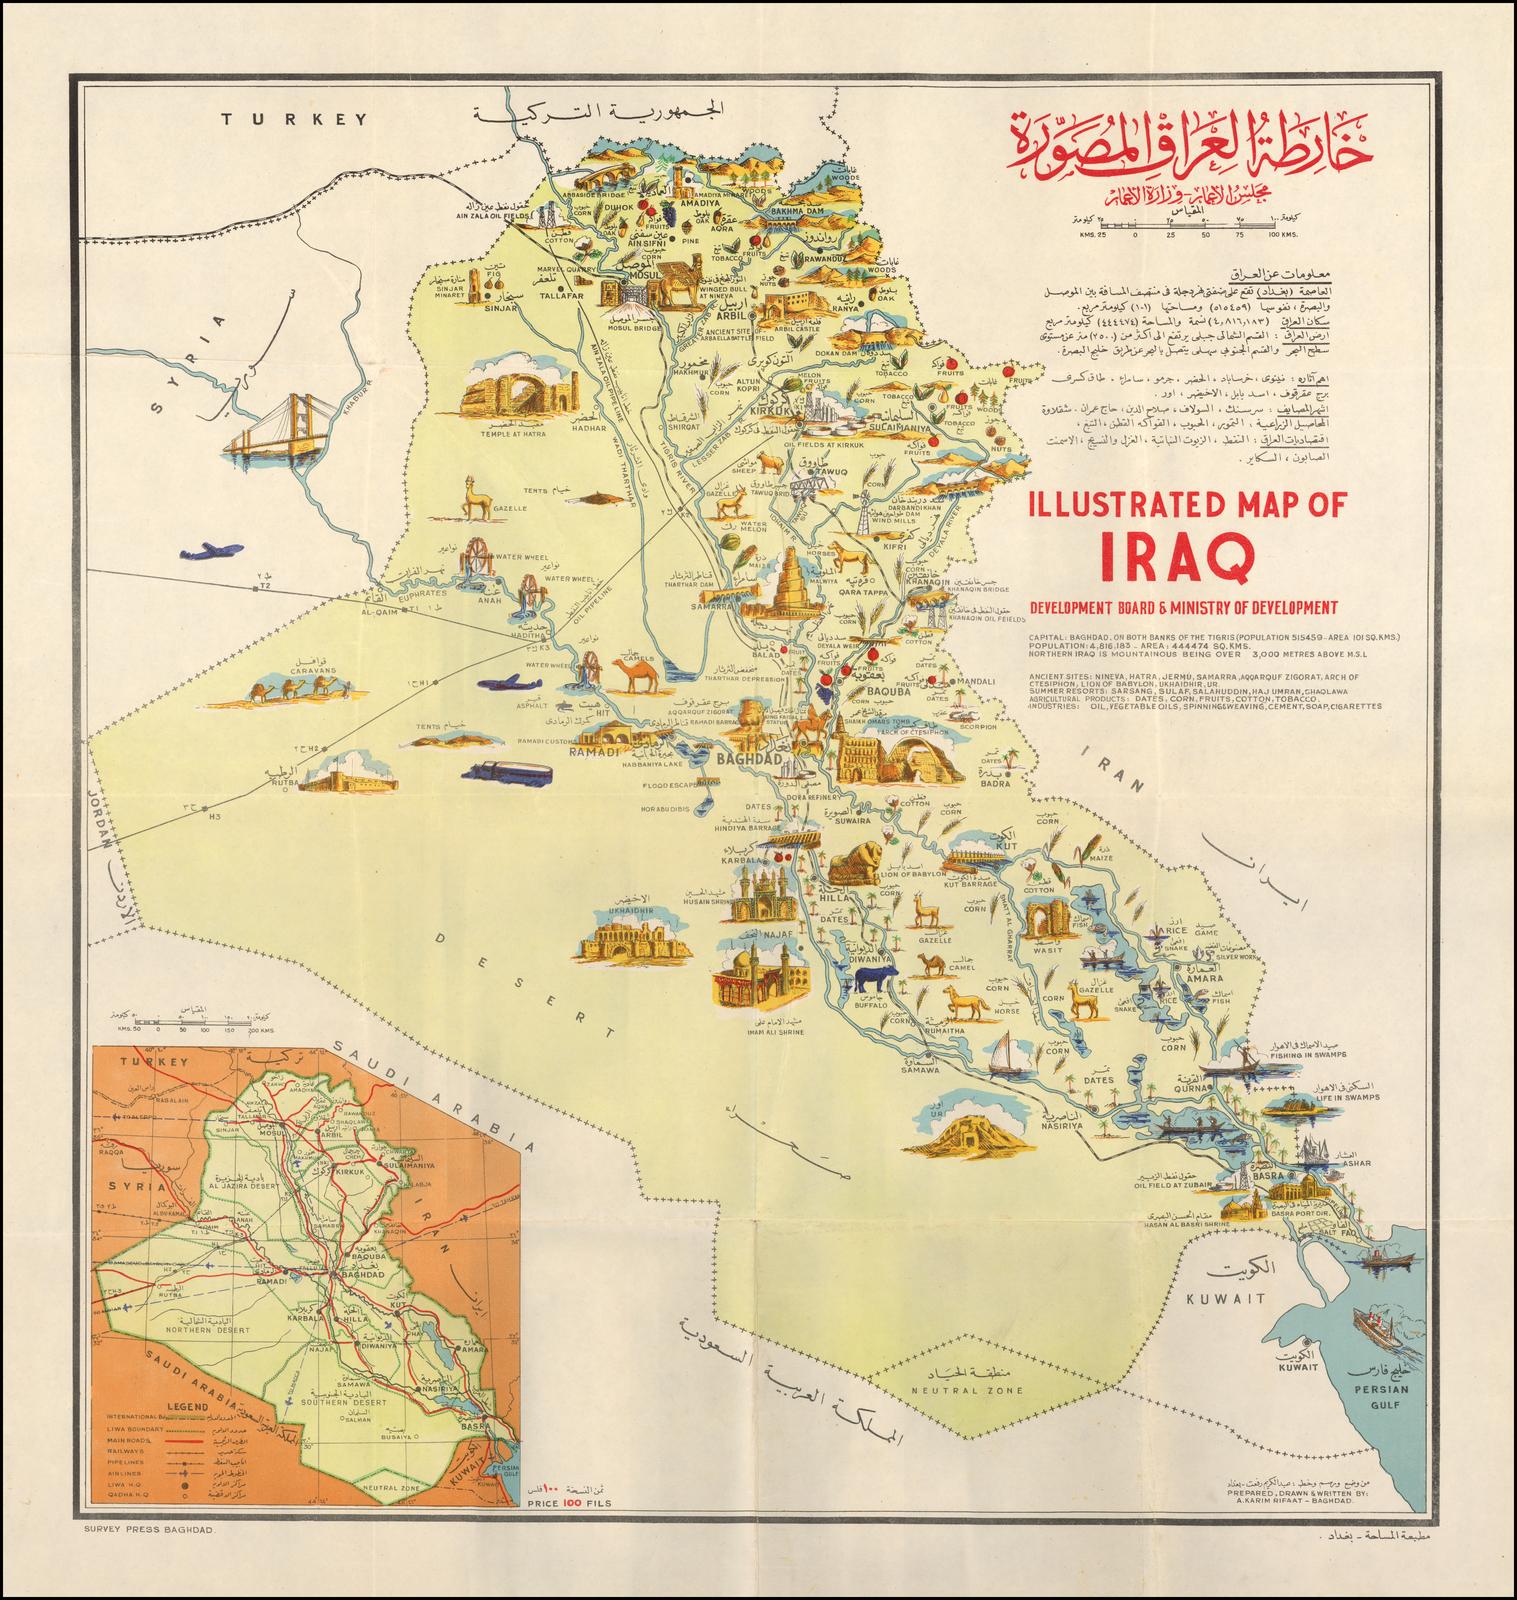 Illustrated Map of Iraq / Kharitat al-'Iraq al-Musawwarah